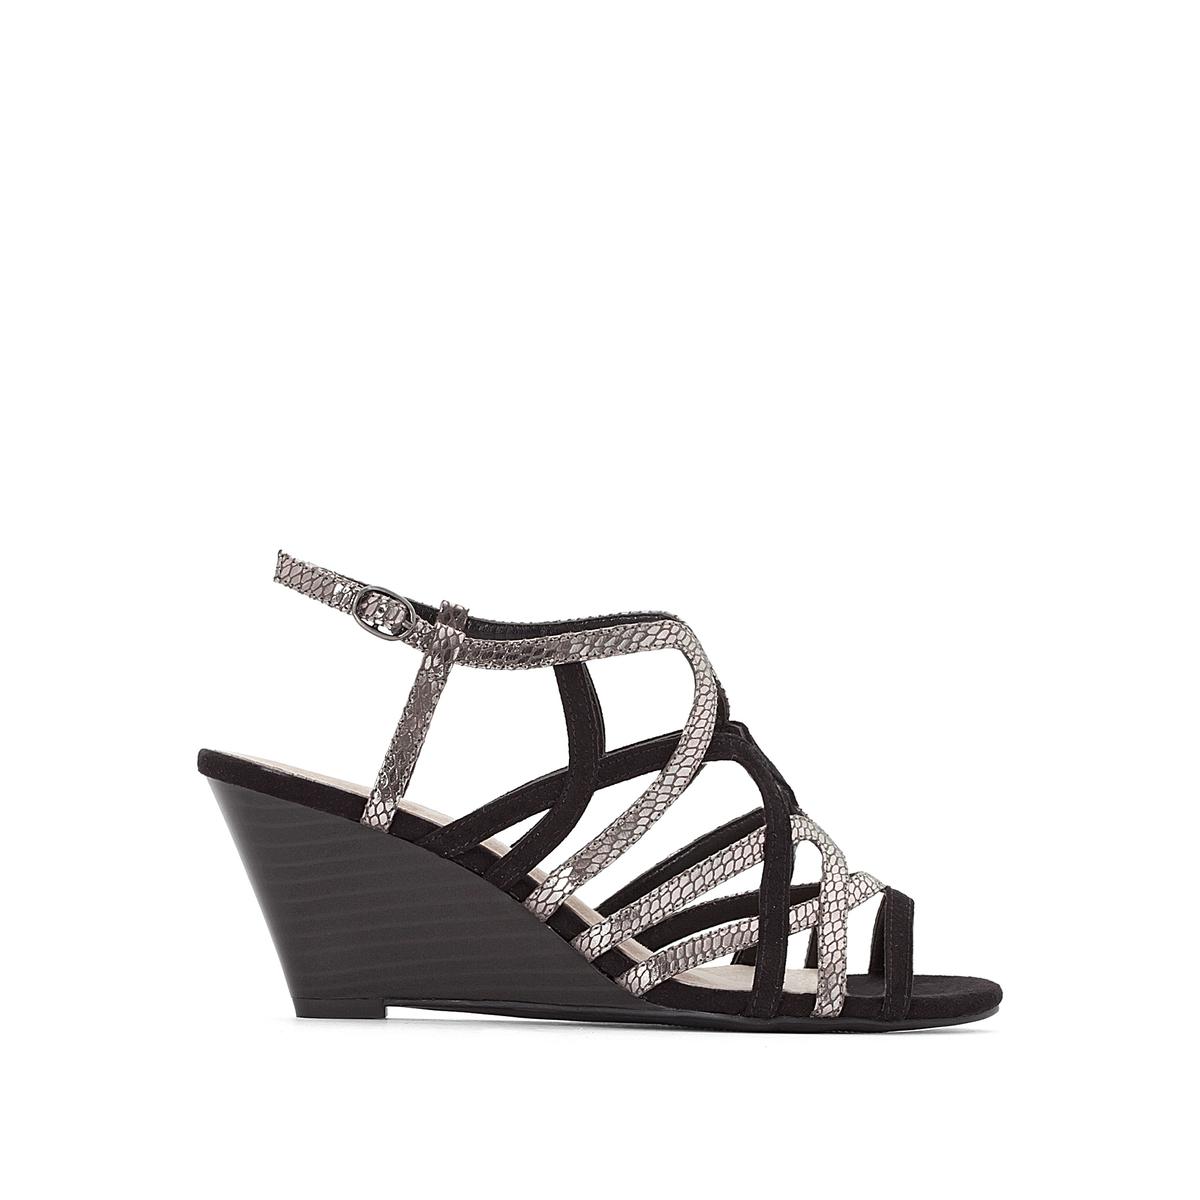 Sandálias com fivelas metalizadas